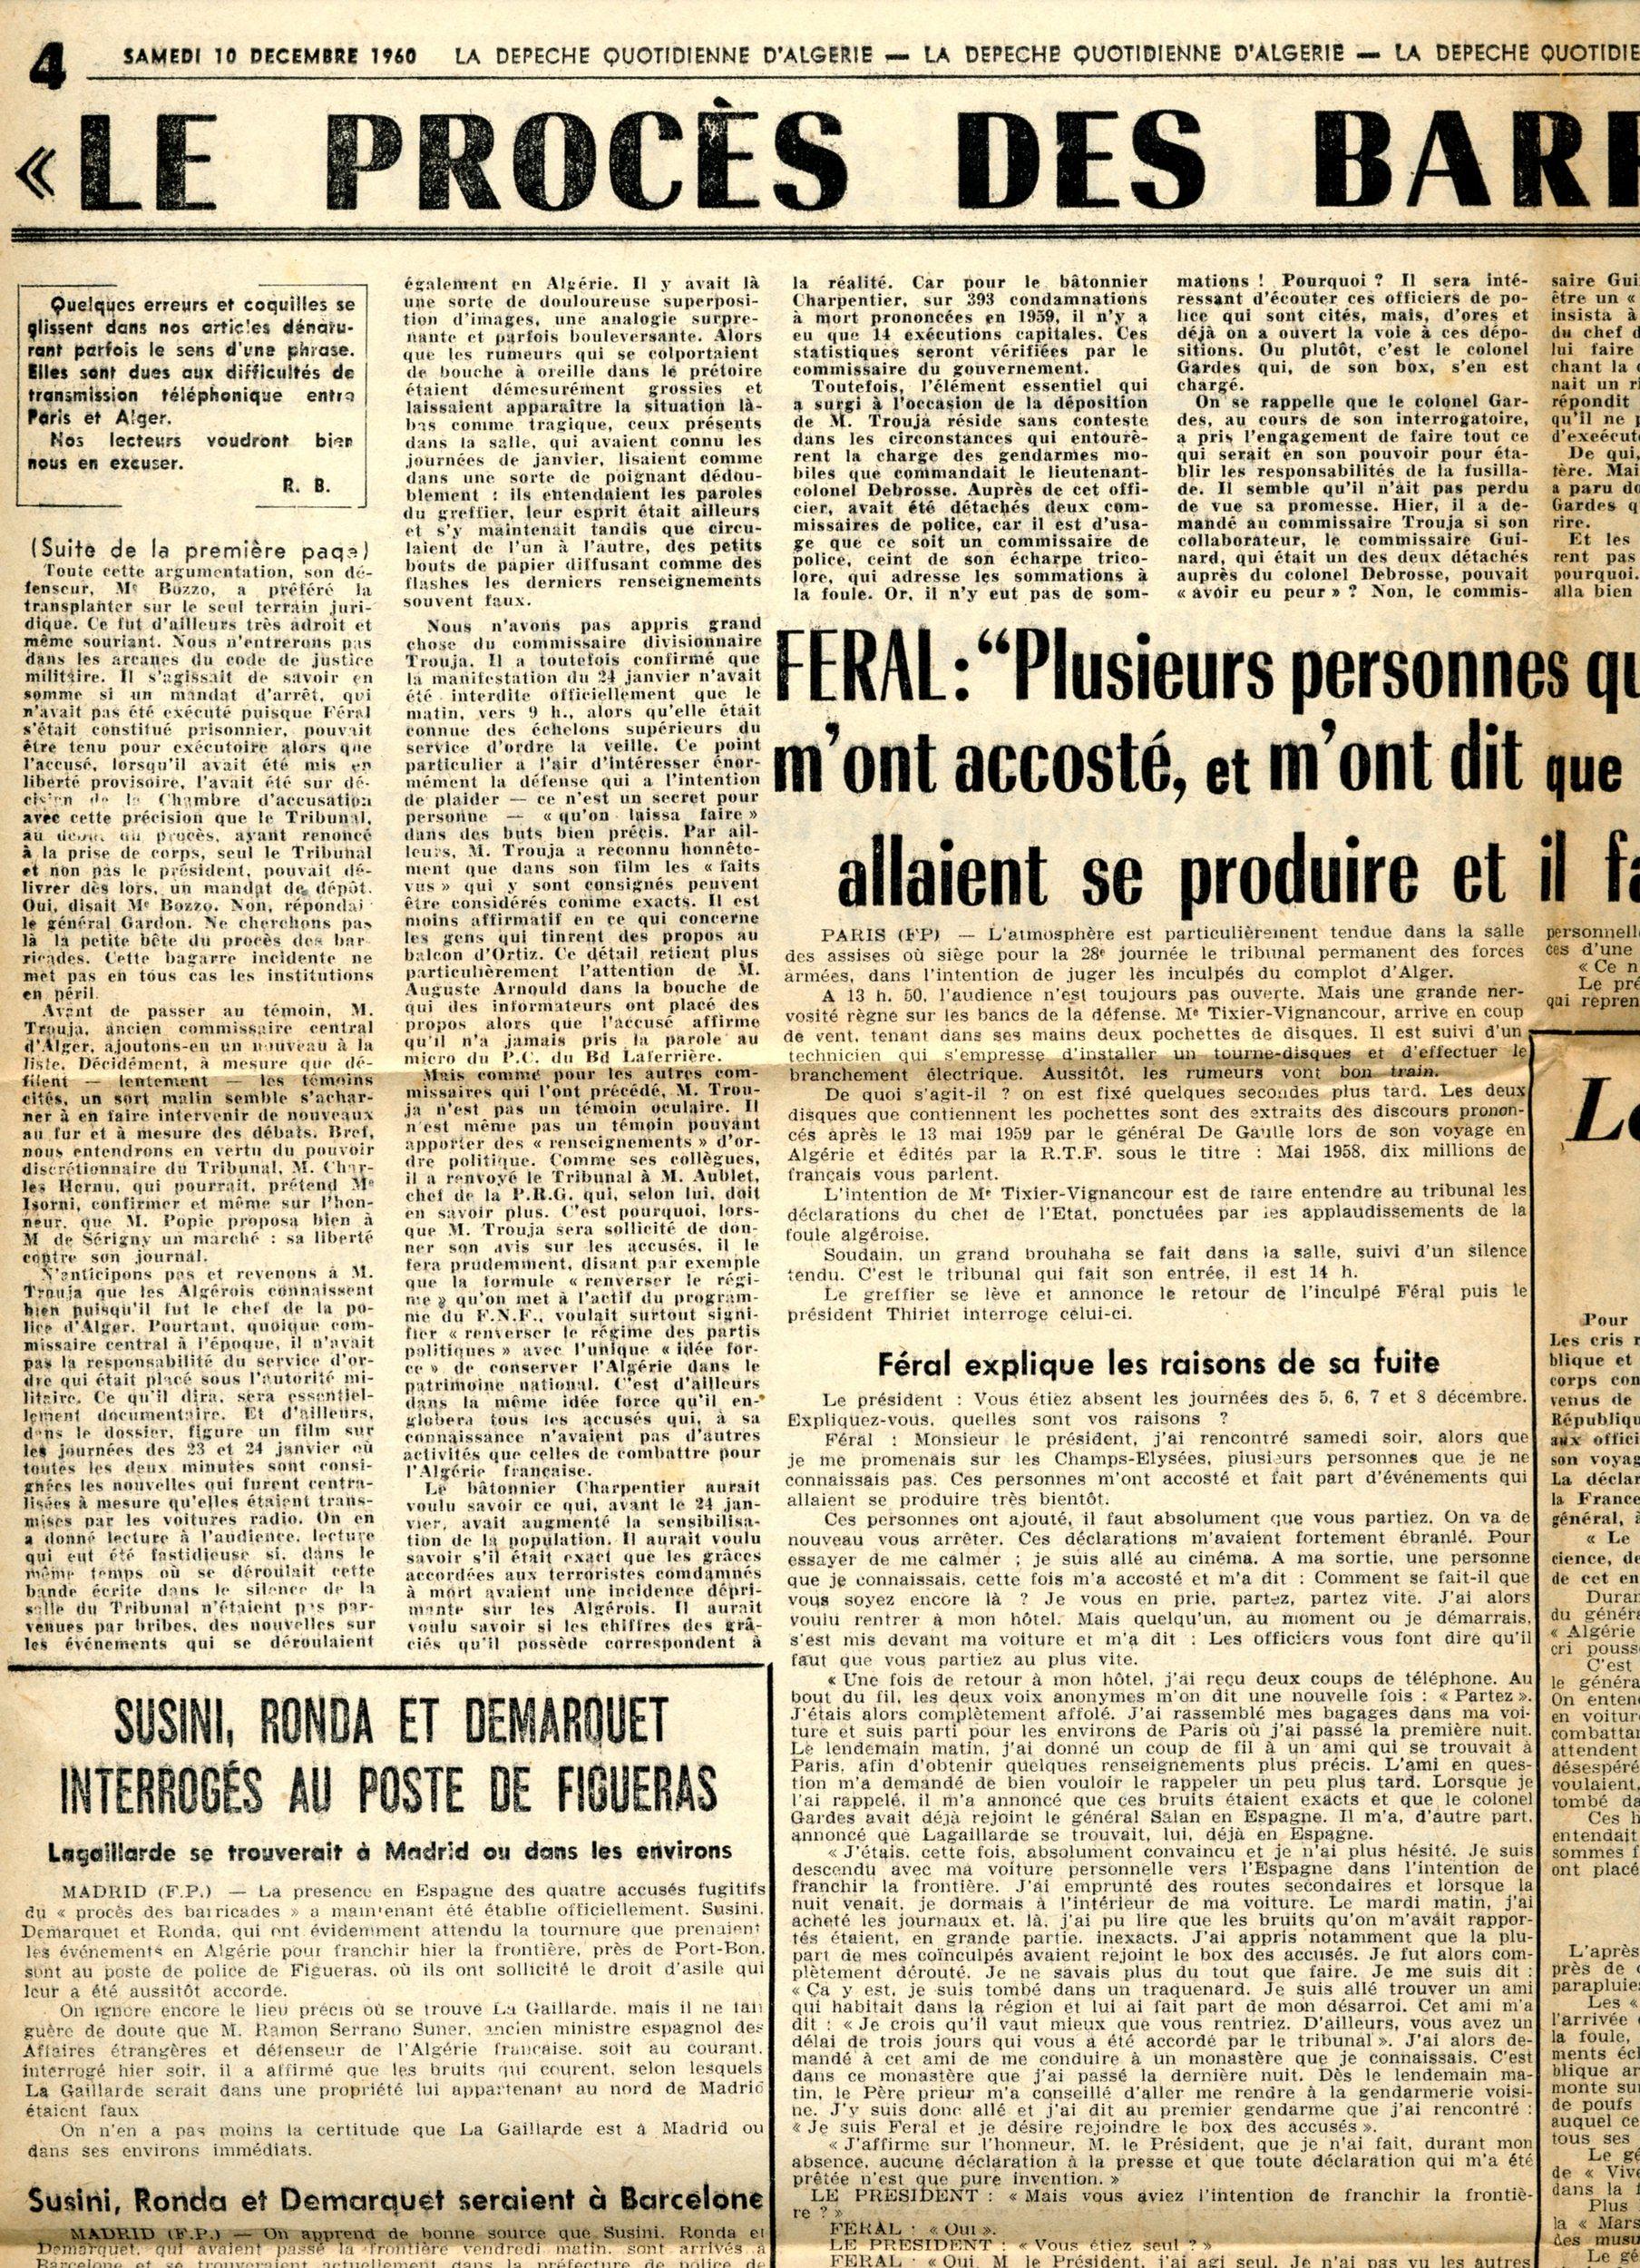 REC_MAN_JOUR19_journaux coupure3v.jpg